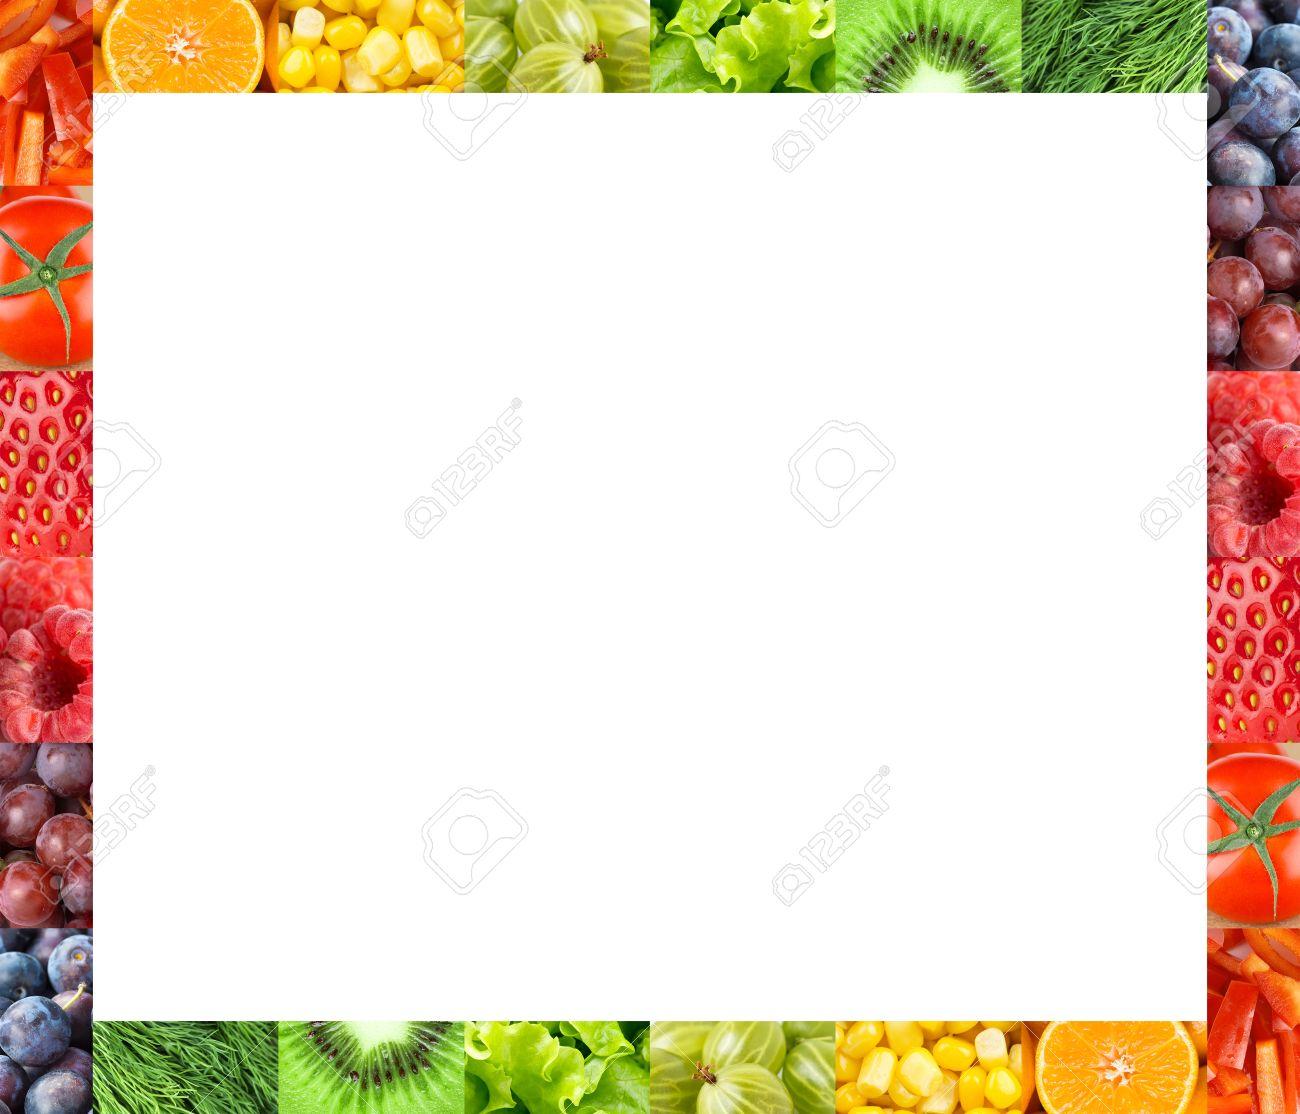 Frisches Obst Und Gemüse Rahmen. Begriff Lizenzfreie Fotos, Bilder ...